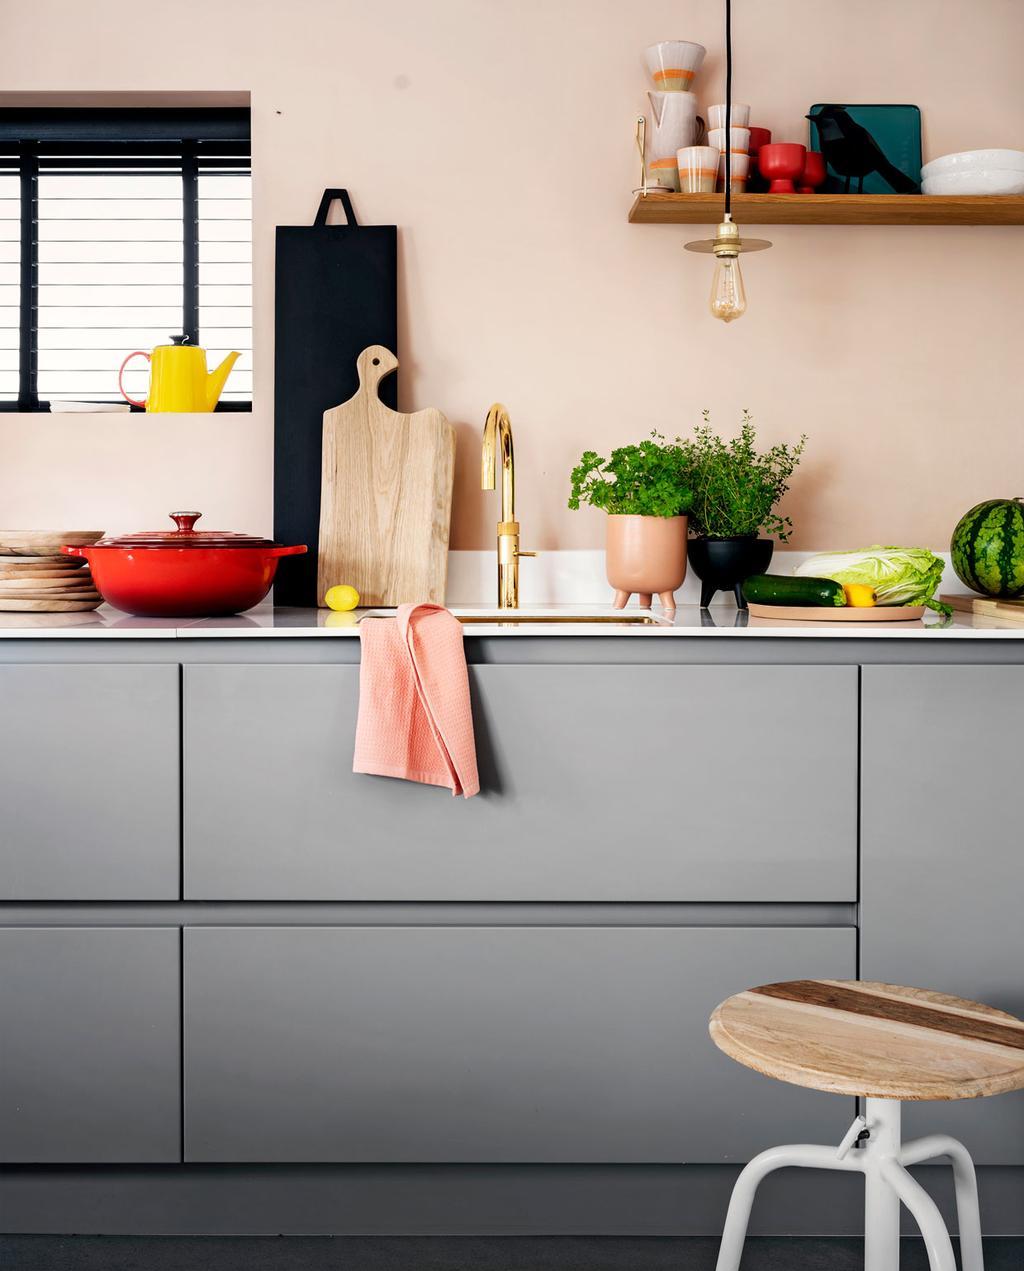 Borrelplanken en snijplanken op het aanrecht in de keuken